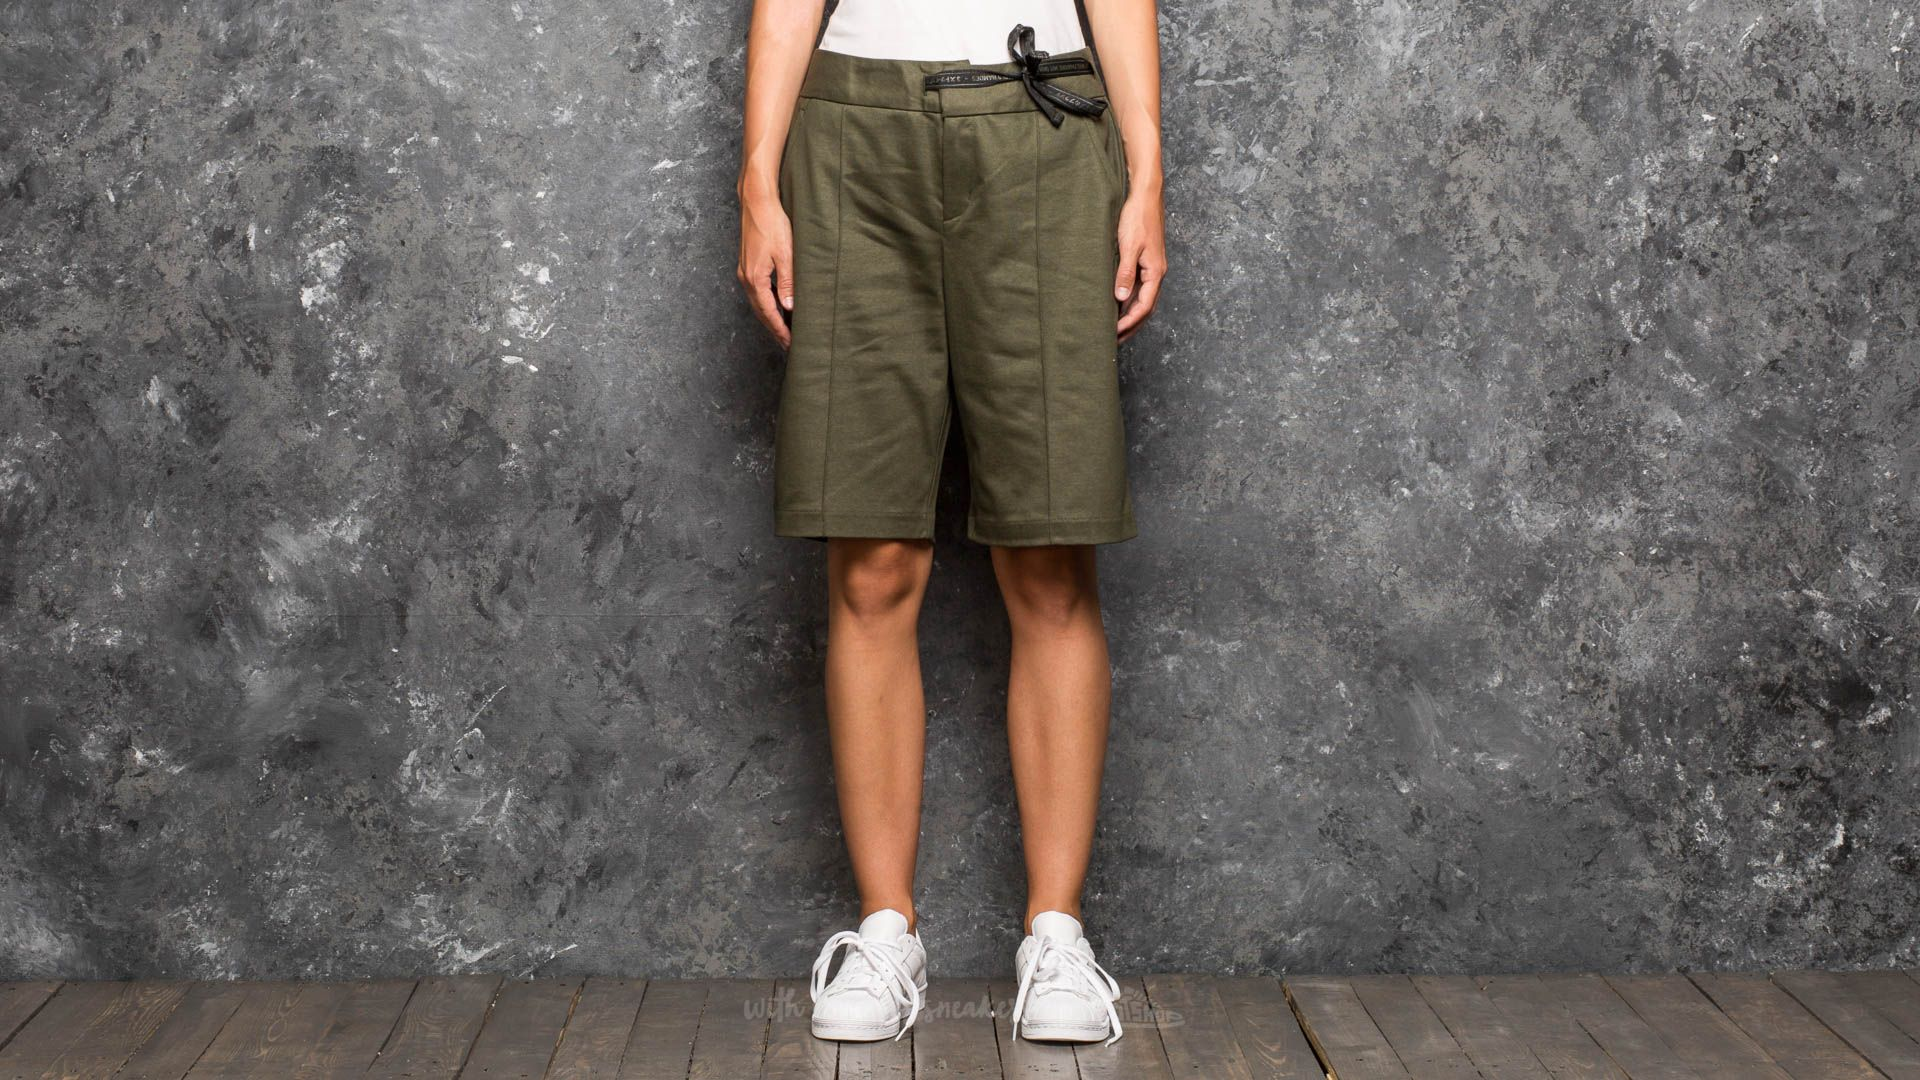 adidas Shorts Night Cargo za skvělou cenu 649 Kč koupíte na Footshop.cz